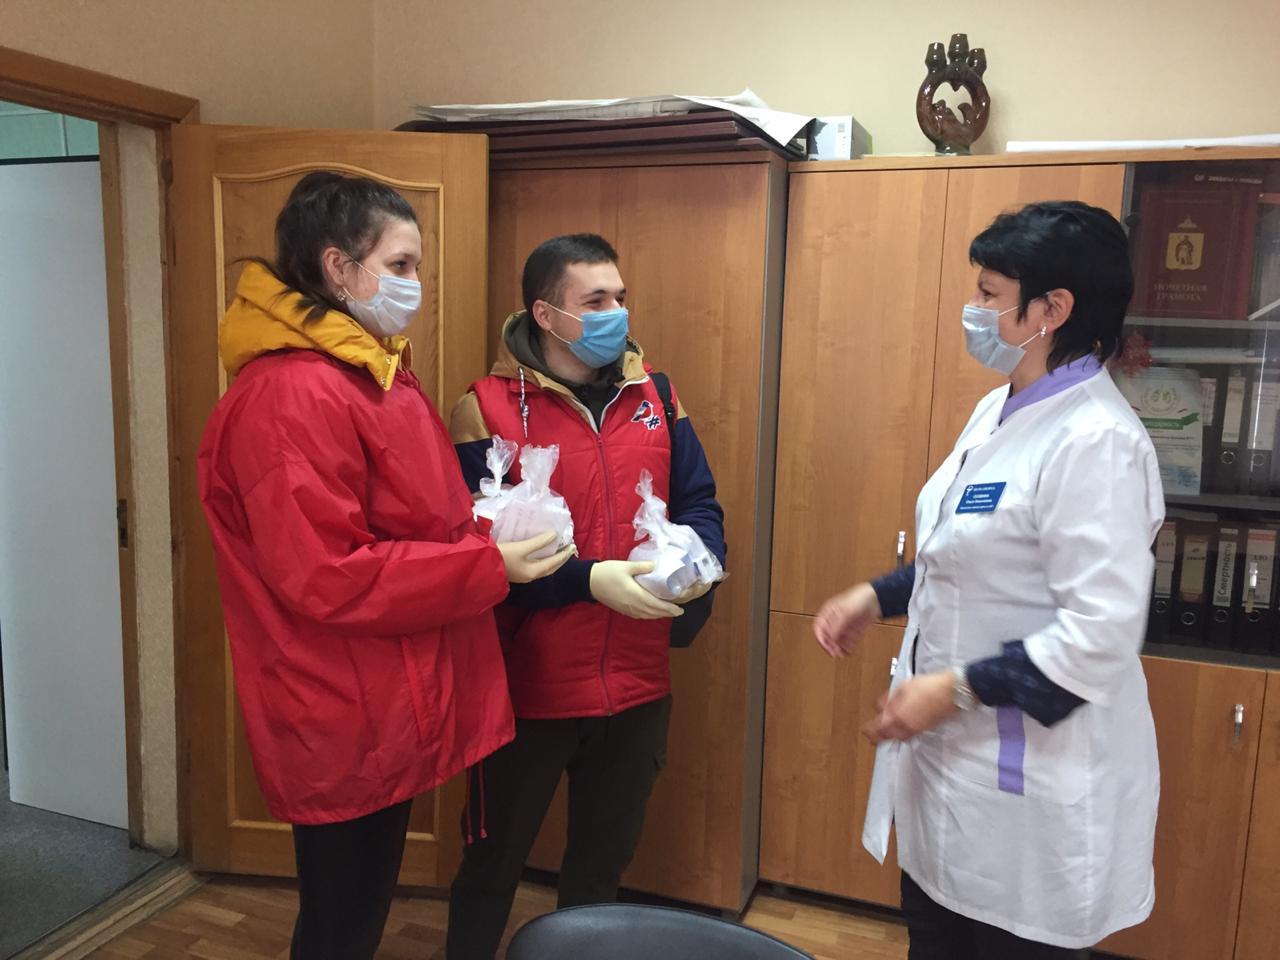 Волонтеры помогают доставить лекарства для больных коронавирусом рязанцев